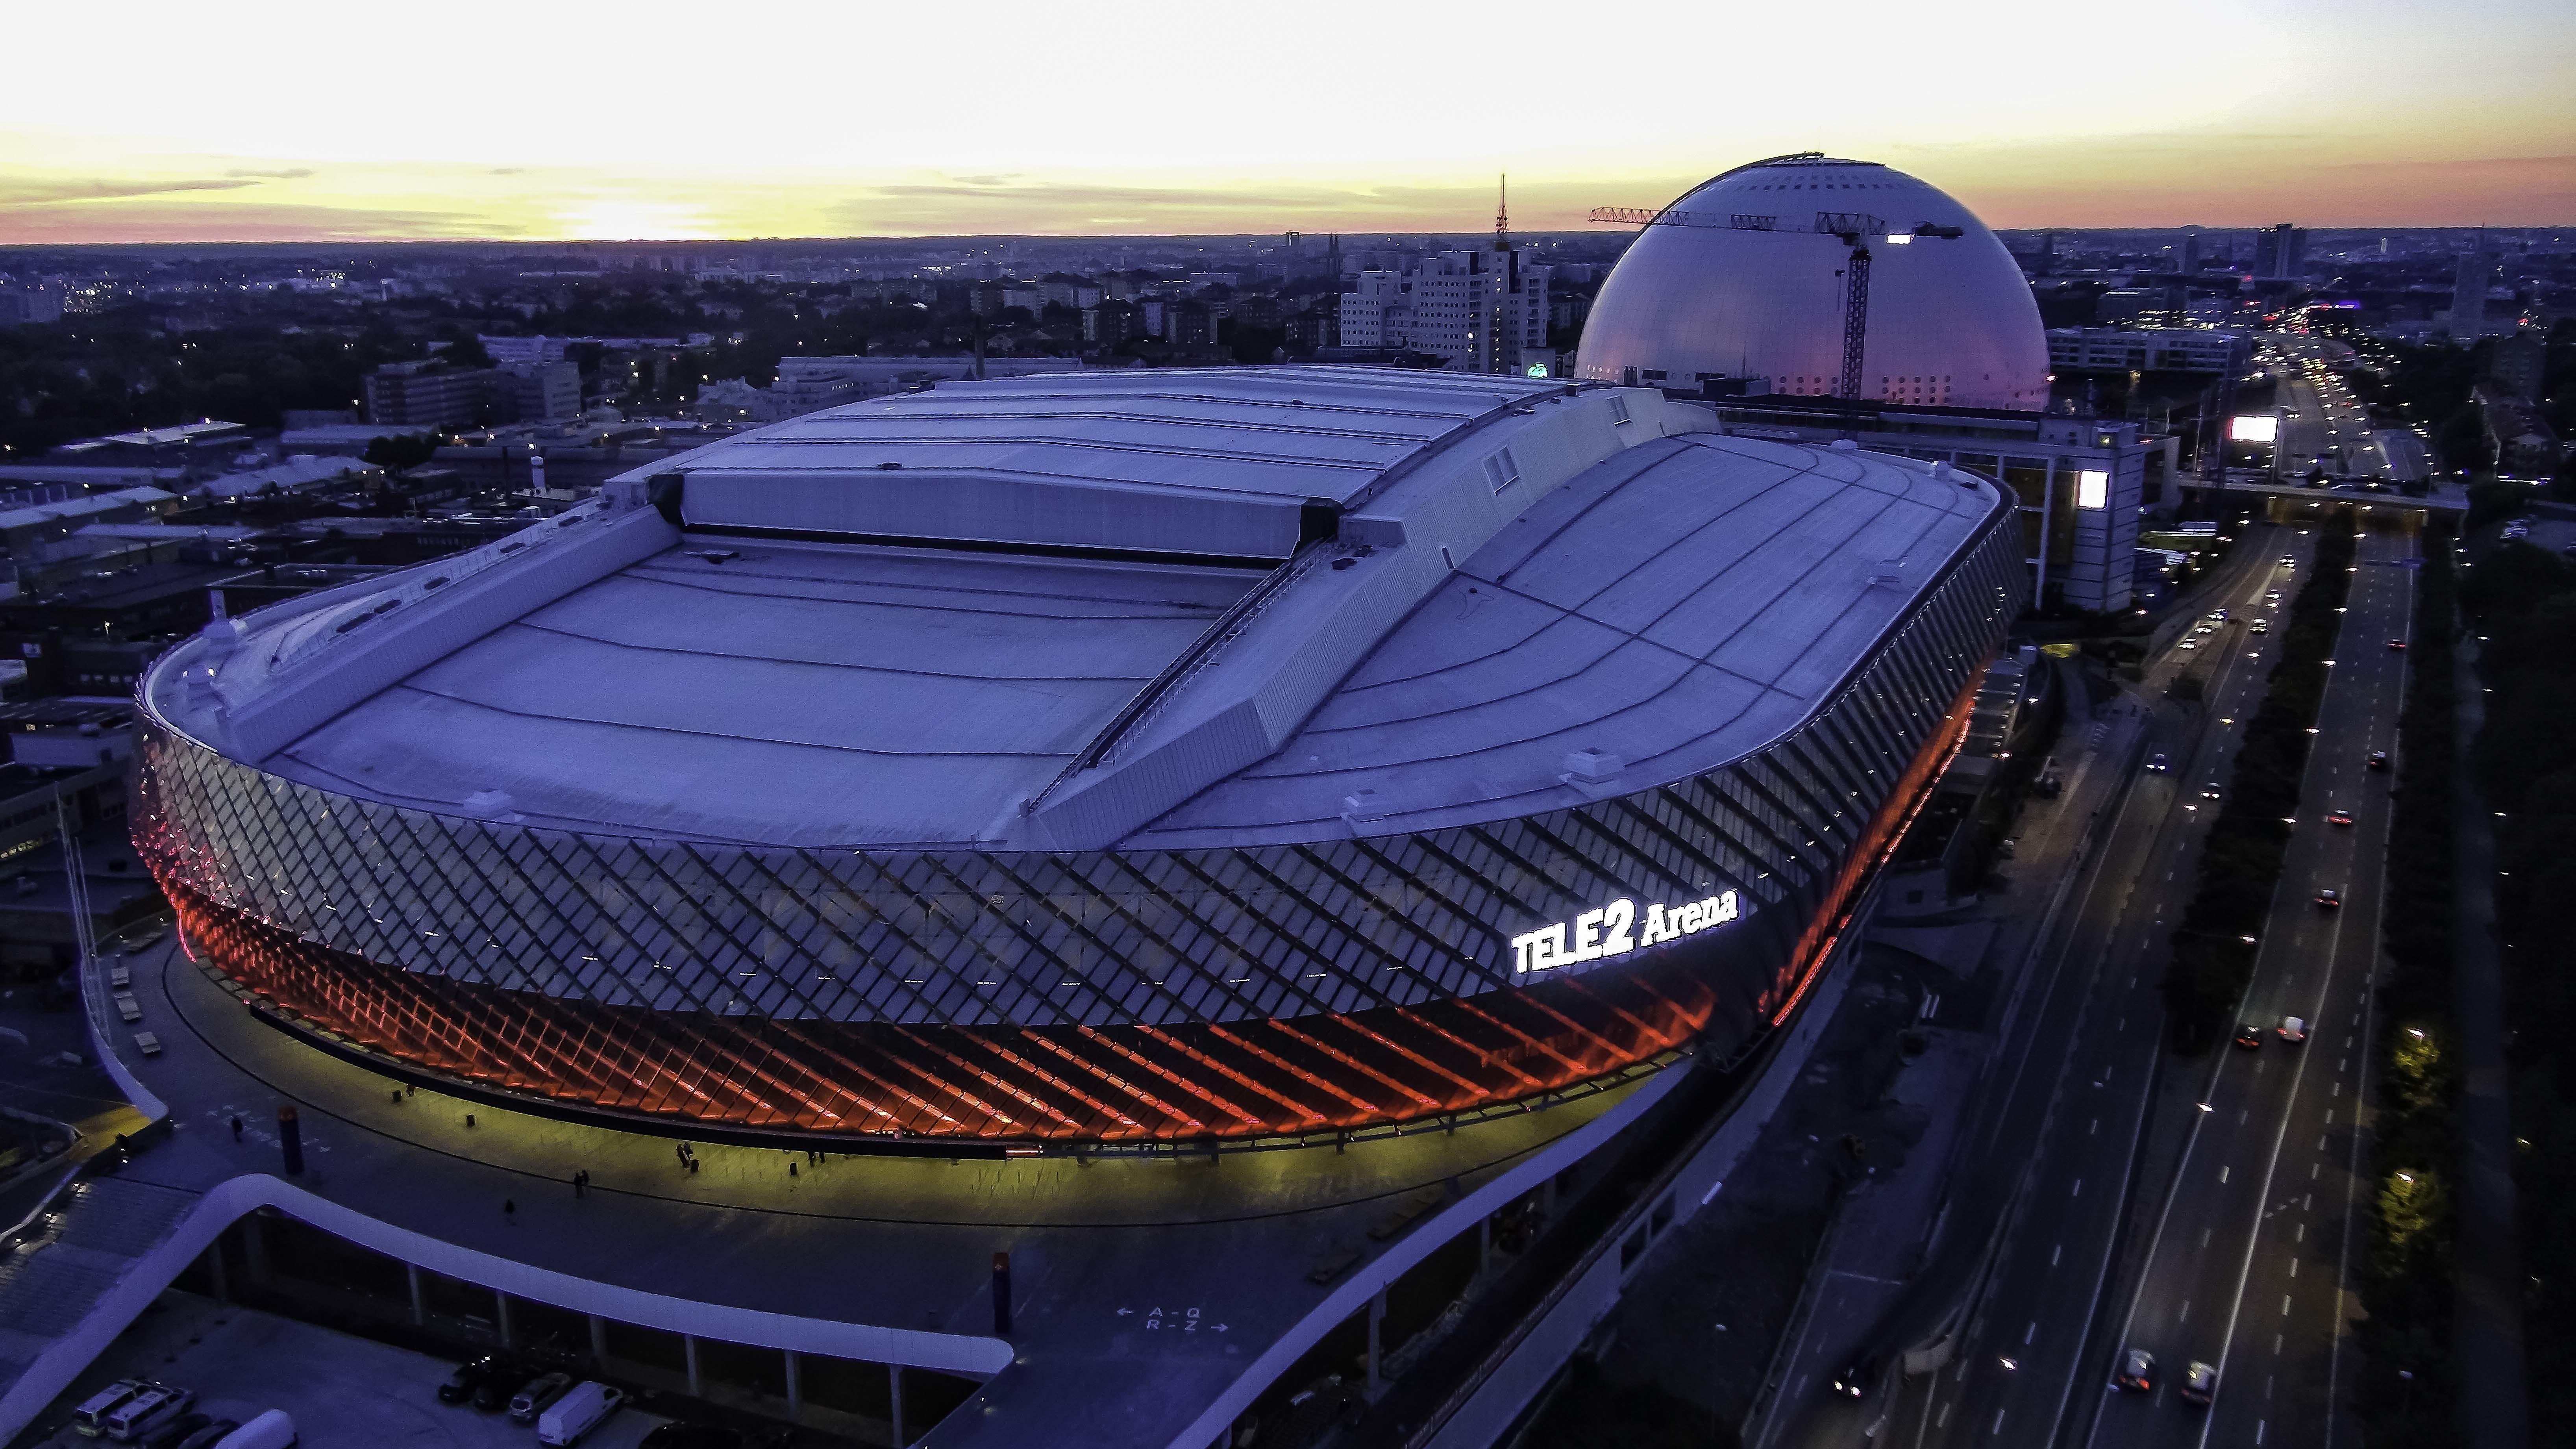 tele2 arena stockholm globe arenas. Black Bedroom Furniture Sets. Home Design Ideas